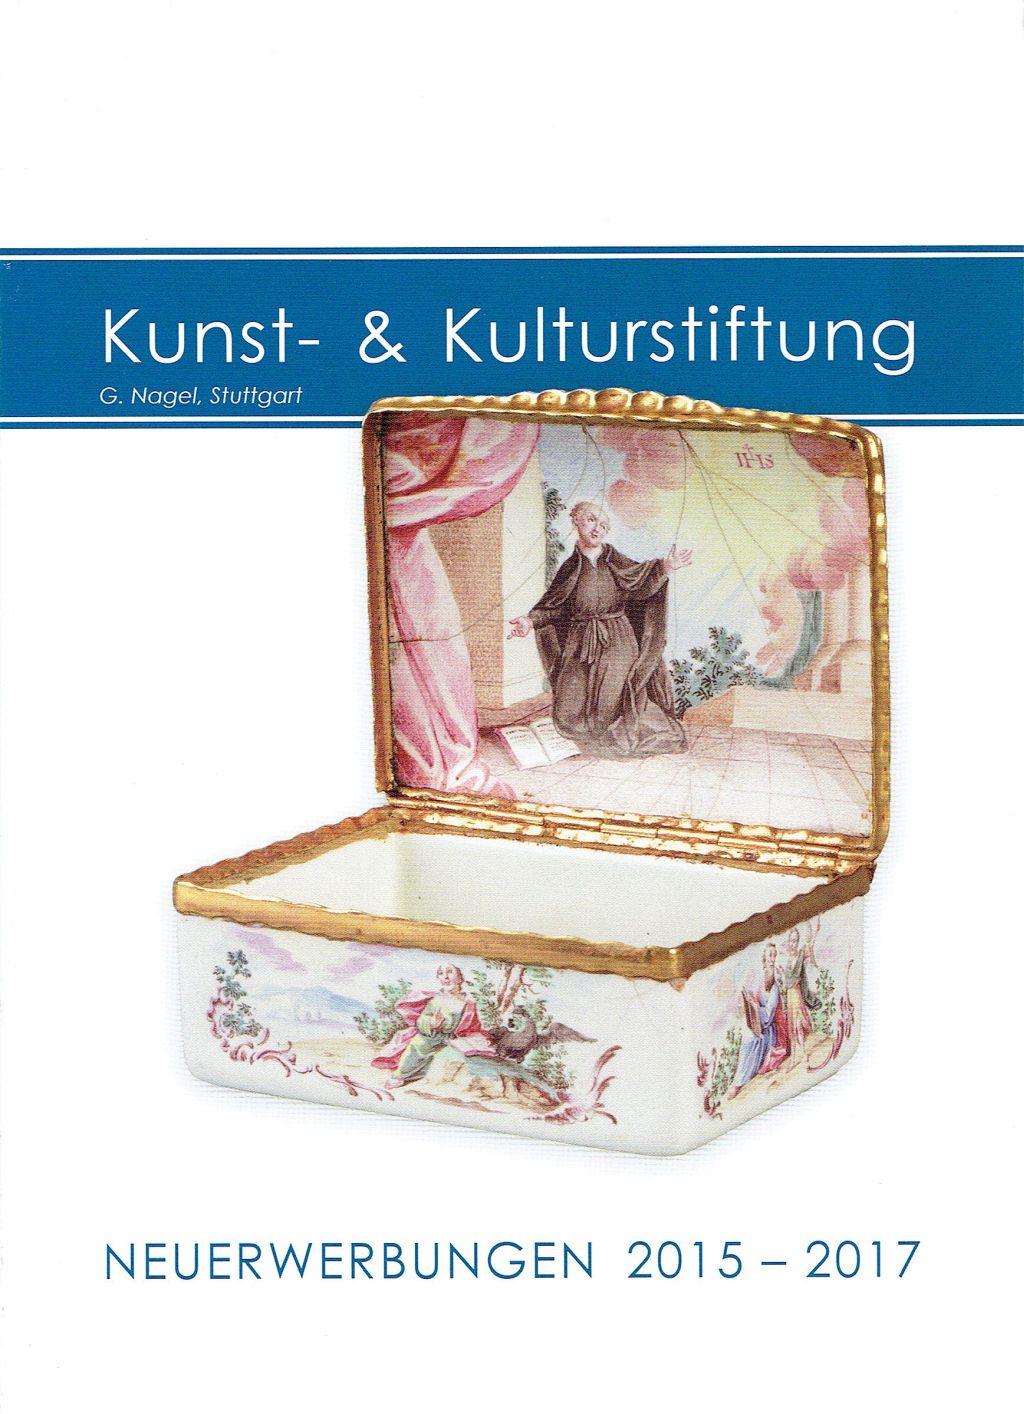 Kunst und Kulturstiftung G. Nagel Stuttgart